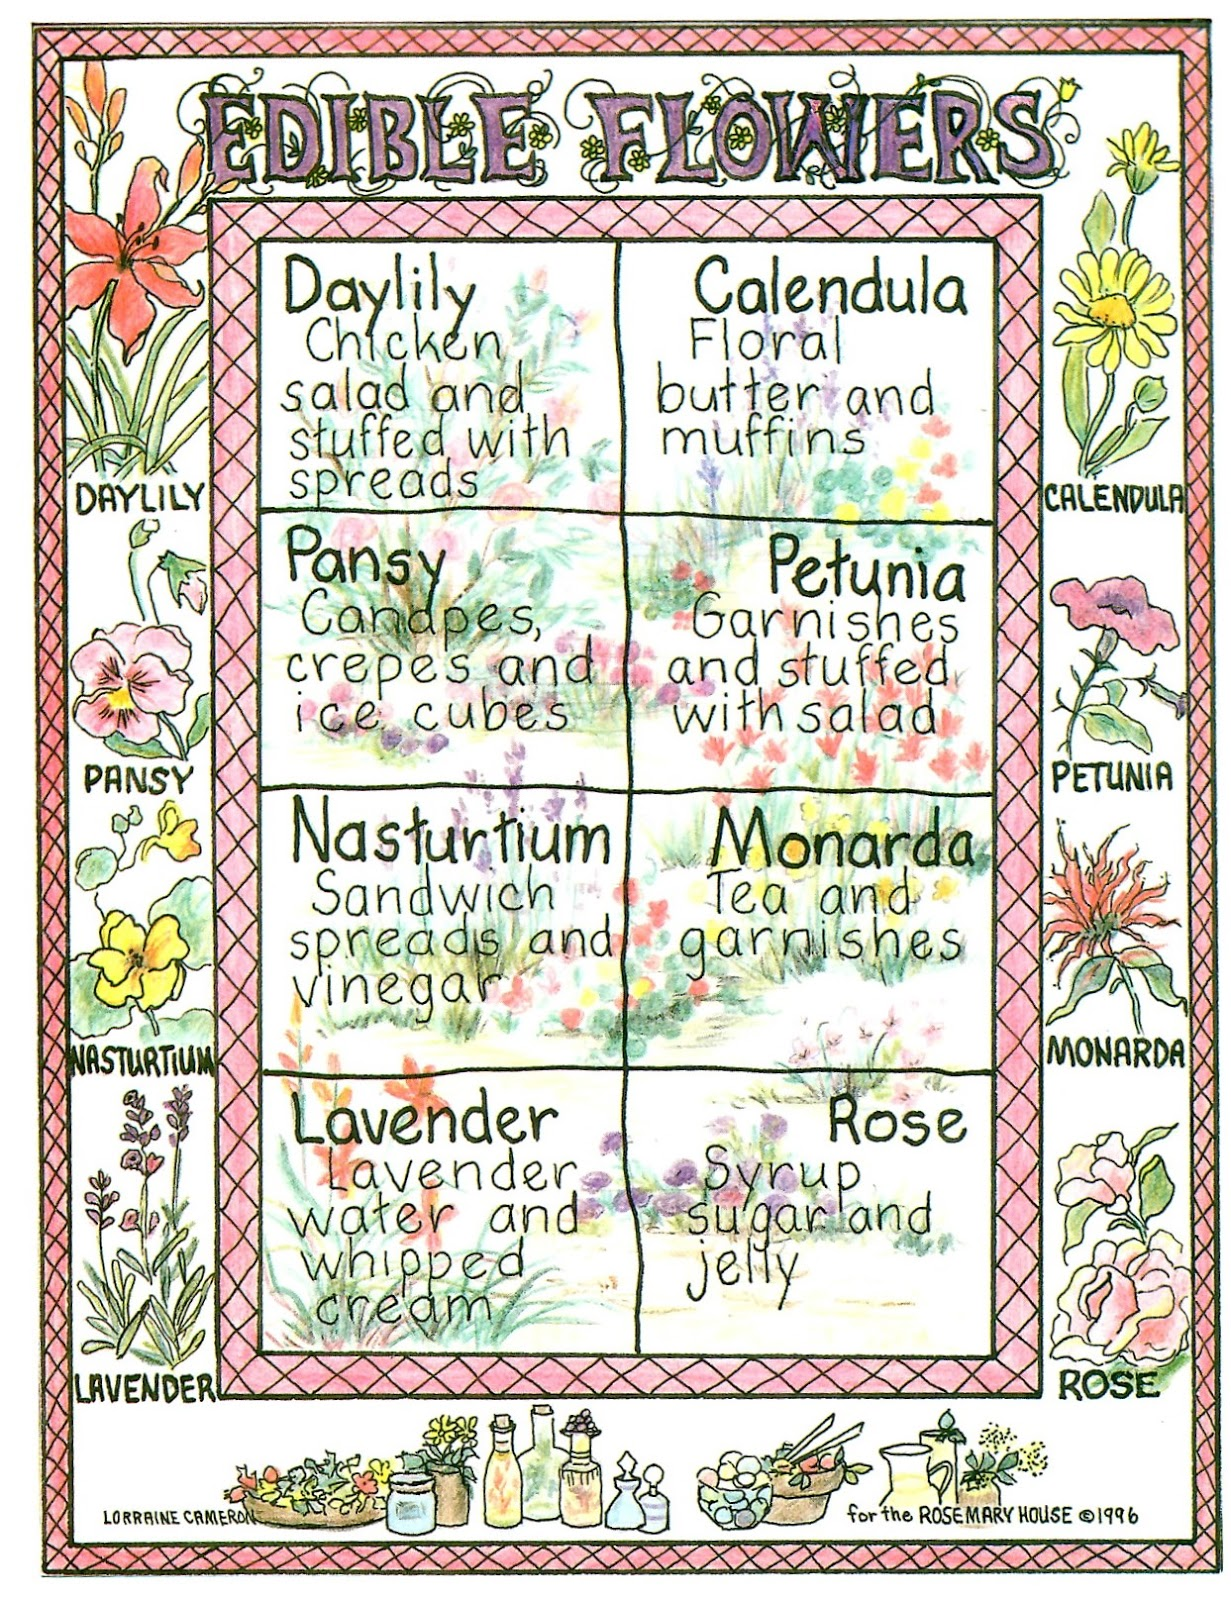 Rosemary's Sampler: Edible Flowers Chart